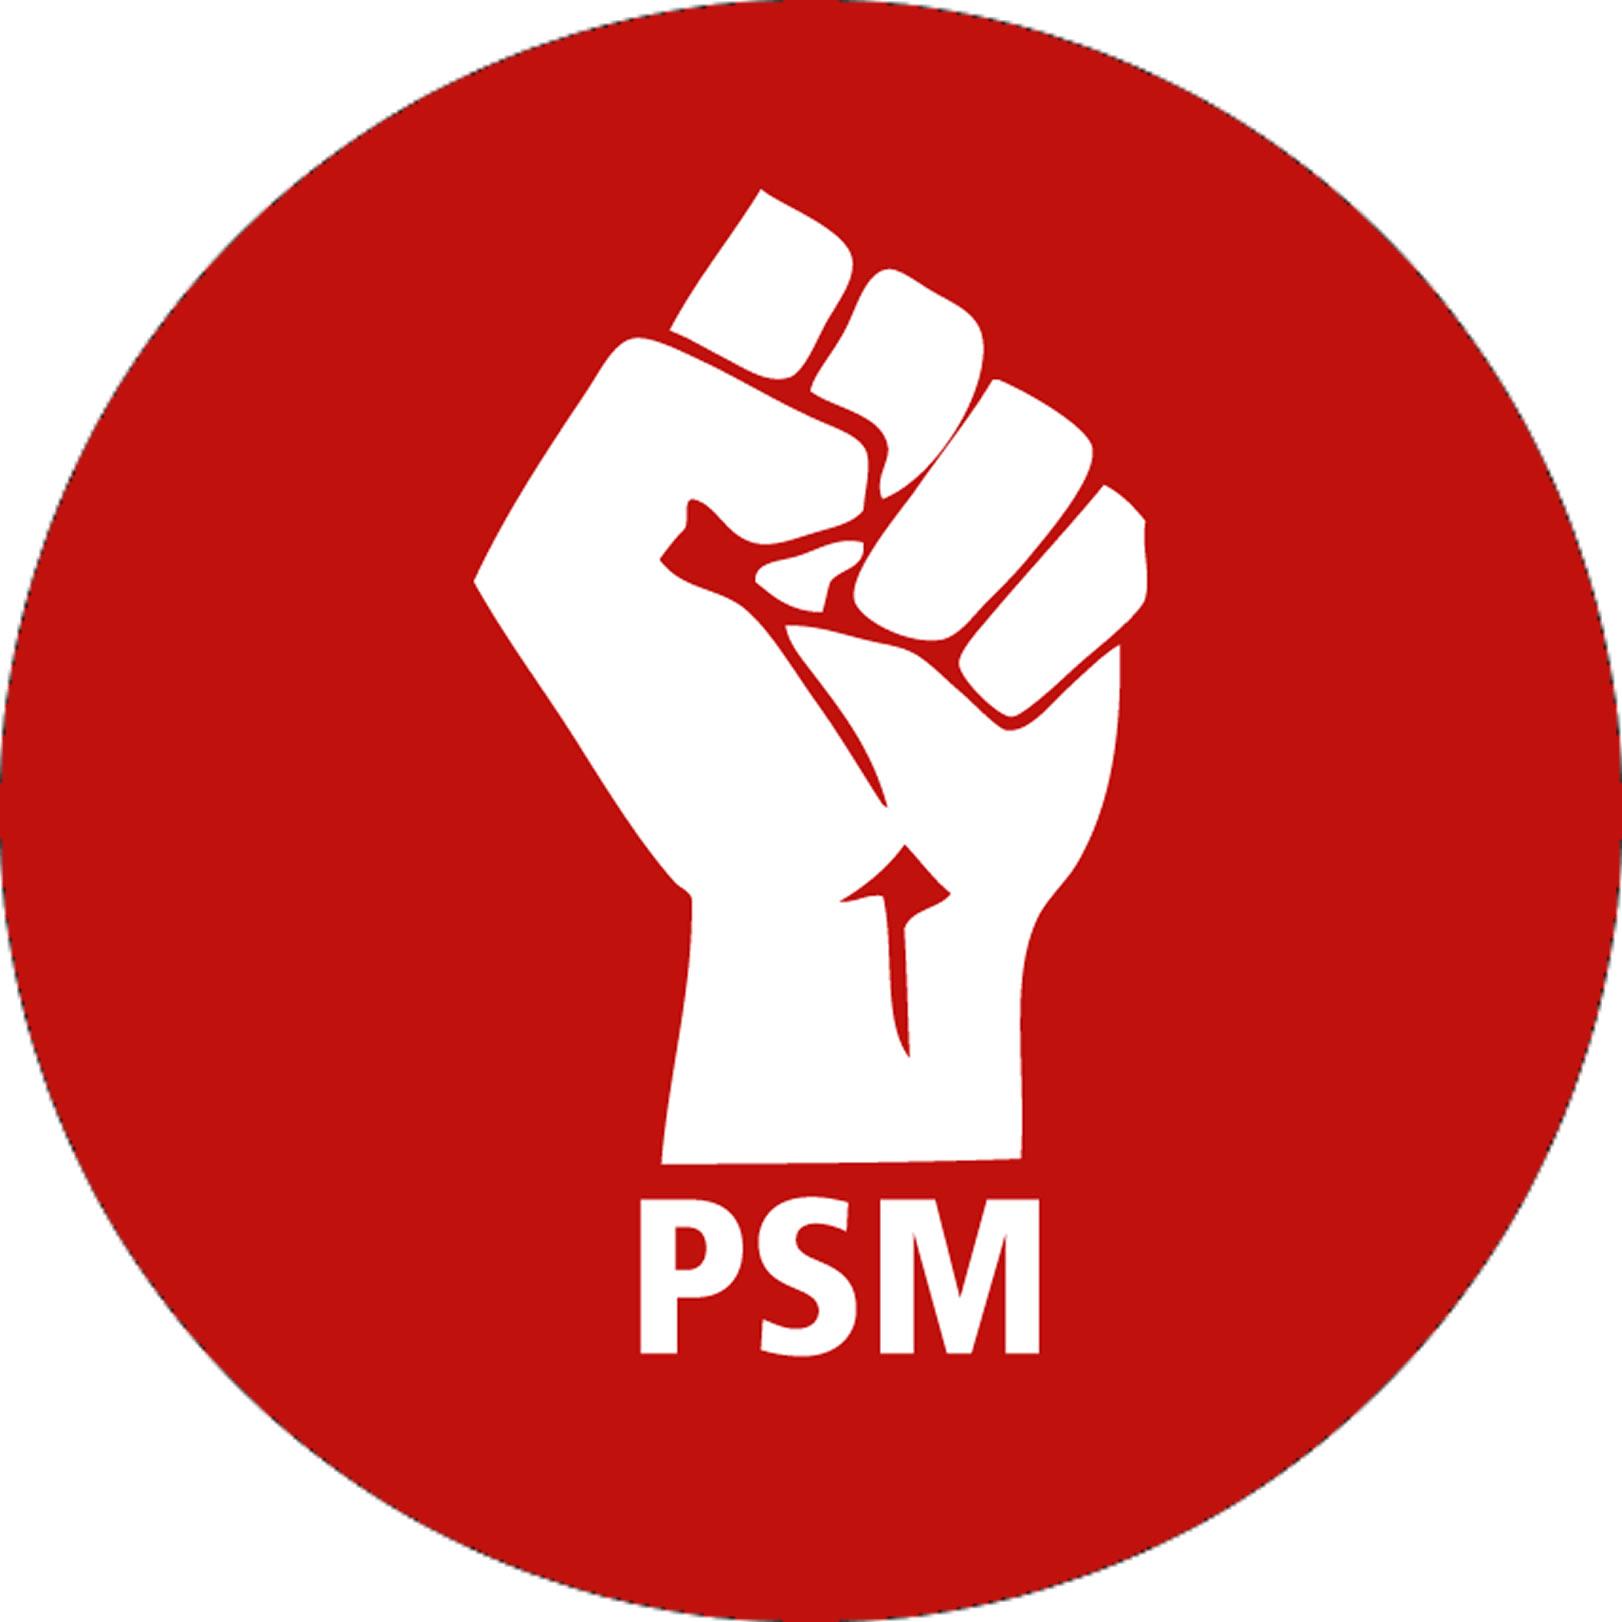 Sosialis